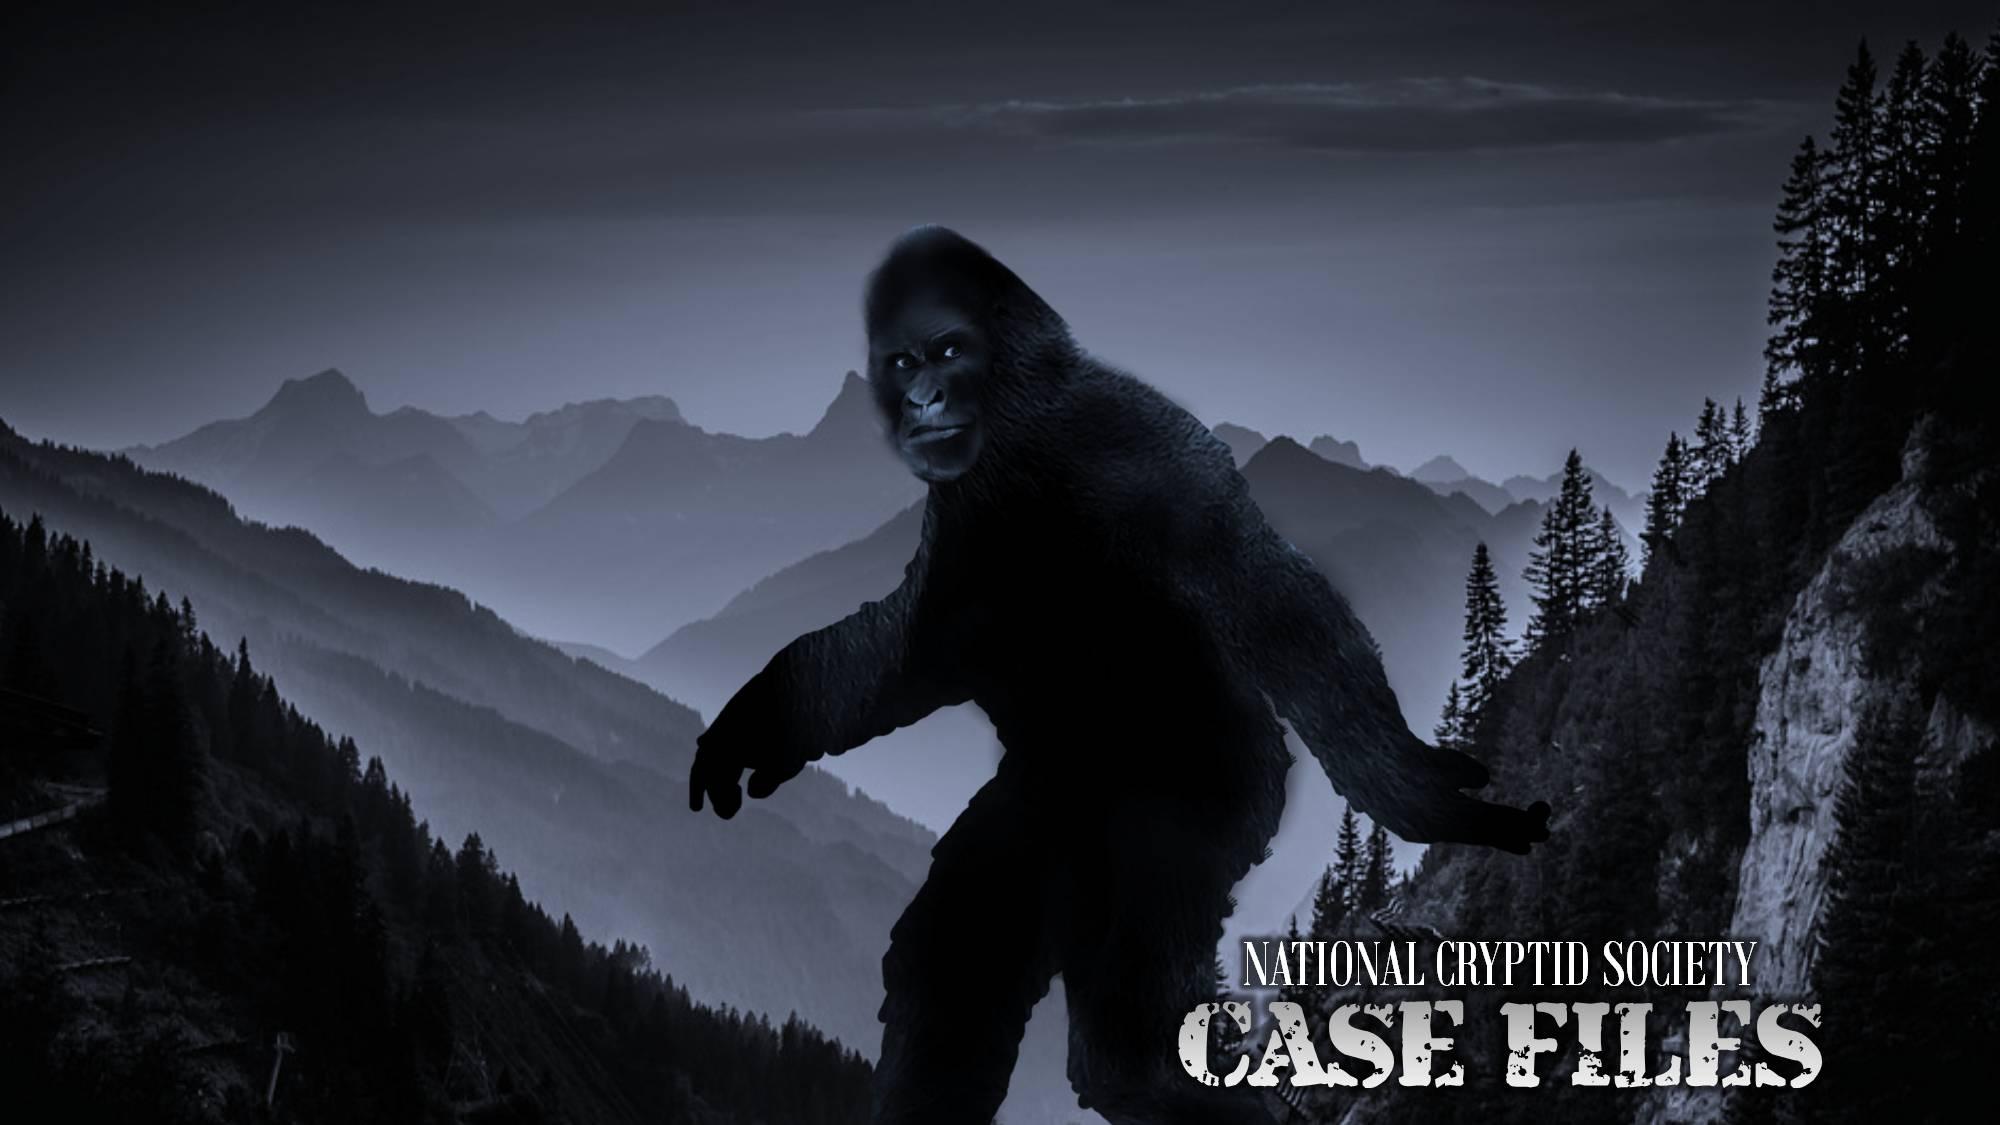 Bigfoot generic image